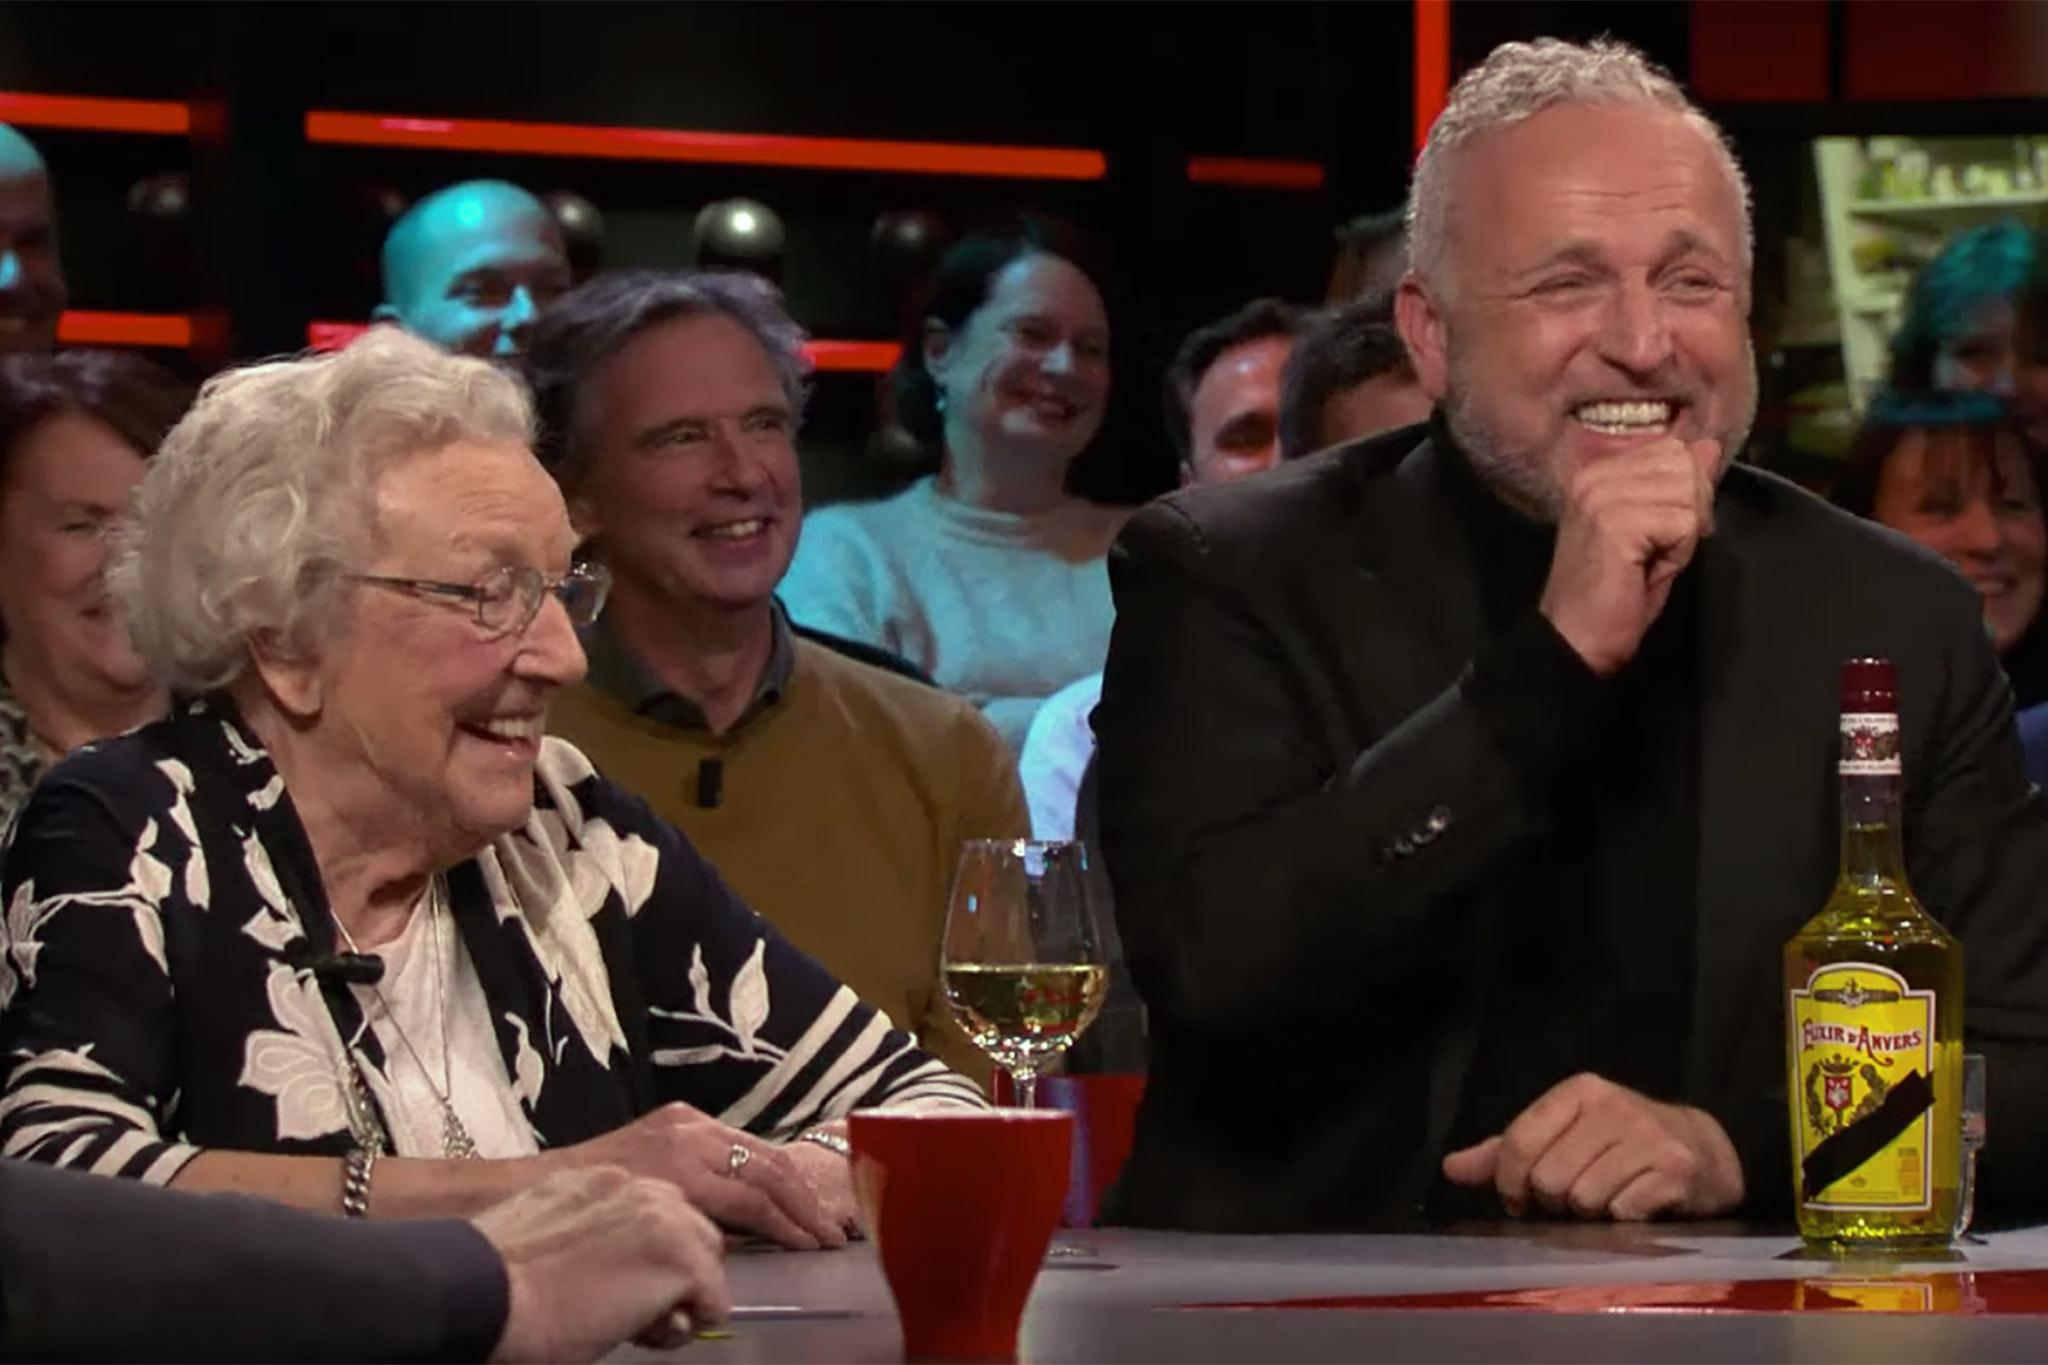 Wat is het geheim van de 101-jarige Lenie?